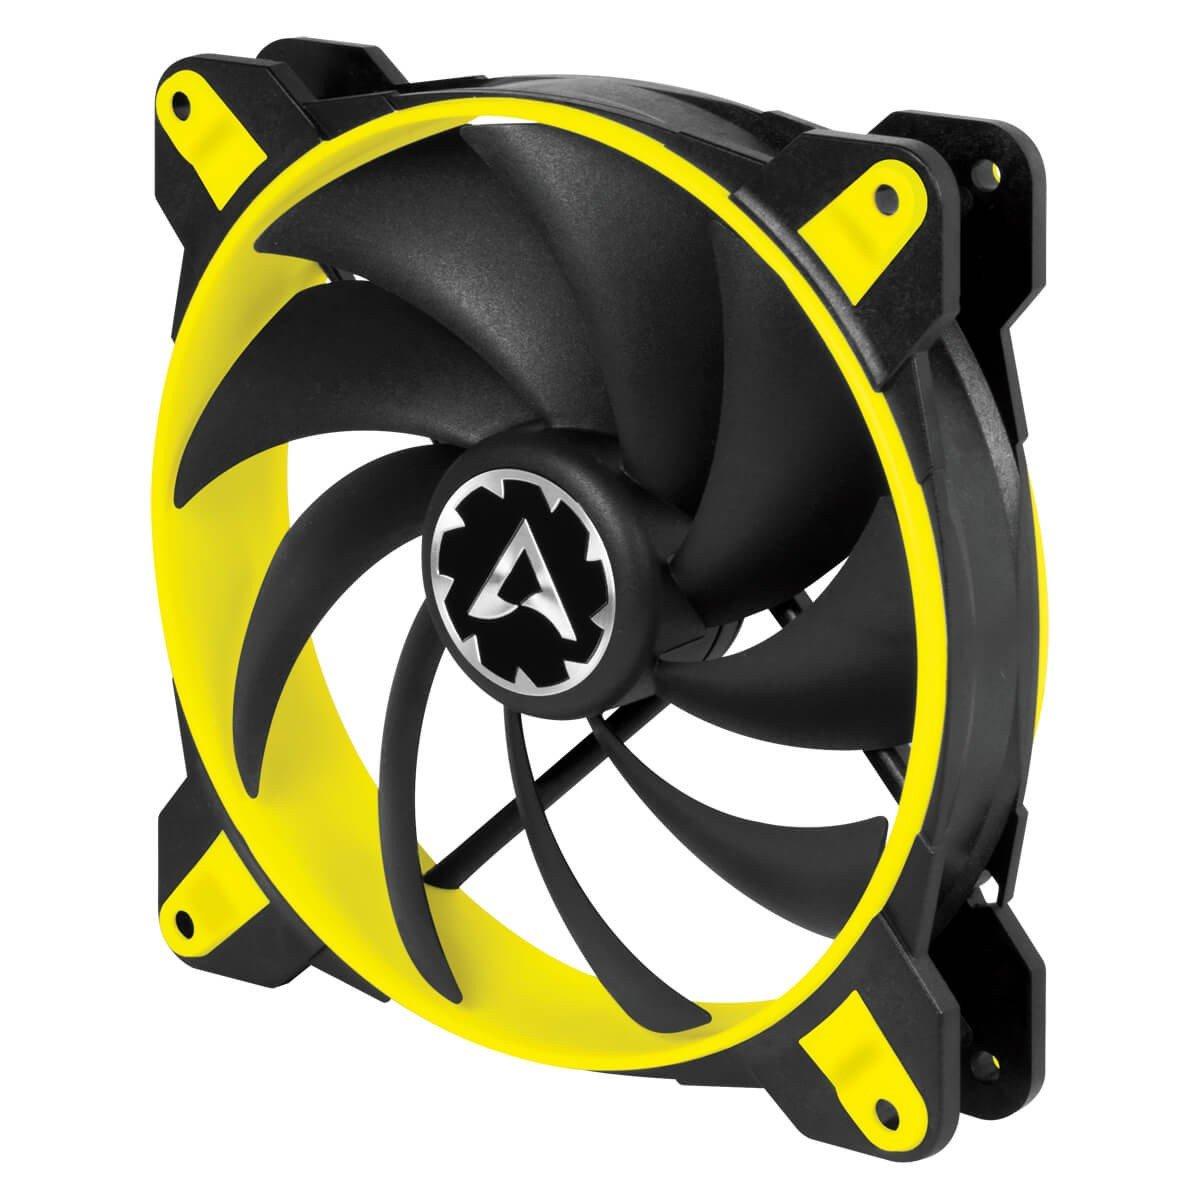 Blanc Ventilateur pour CPU pales 120mm ARCTIC BioniX P120 Fonction de contr/ôle PST- Haute Pression Statique 200 /à 2100 TR//Min Refroidisseur Silencieux